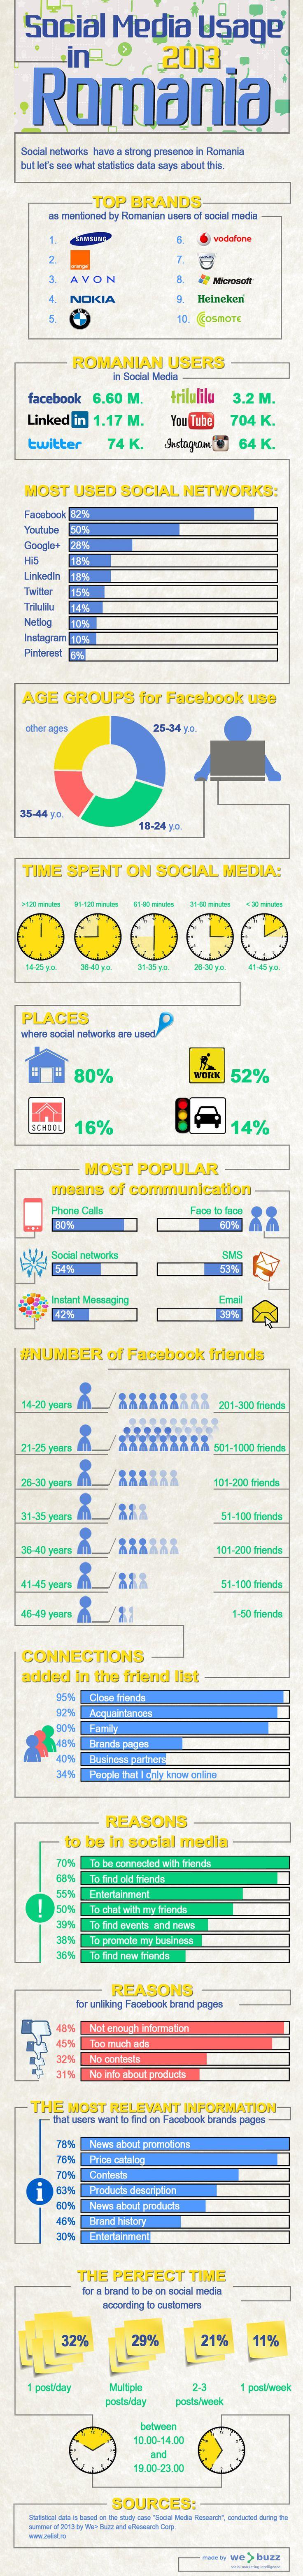 social-media-in-romania_2013 1